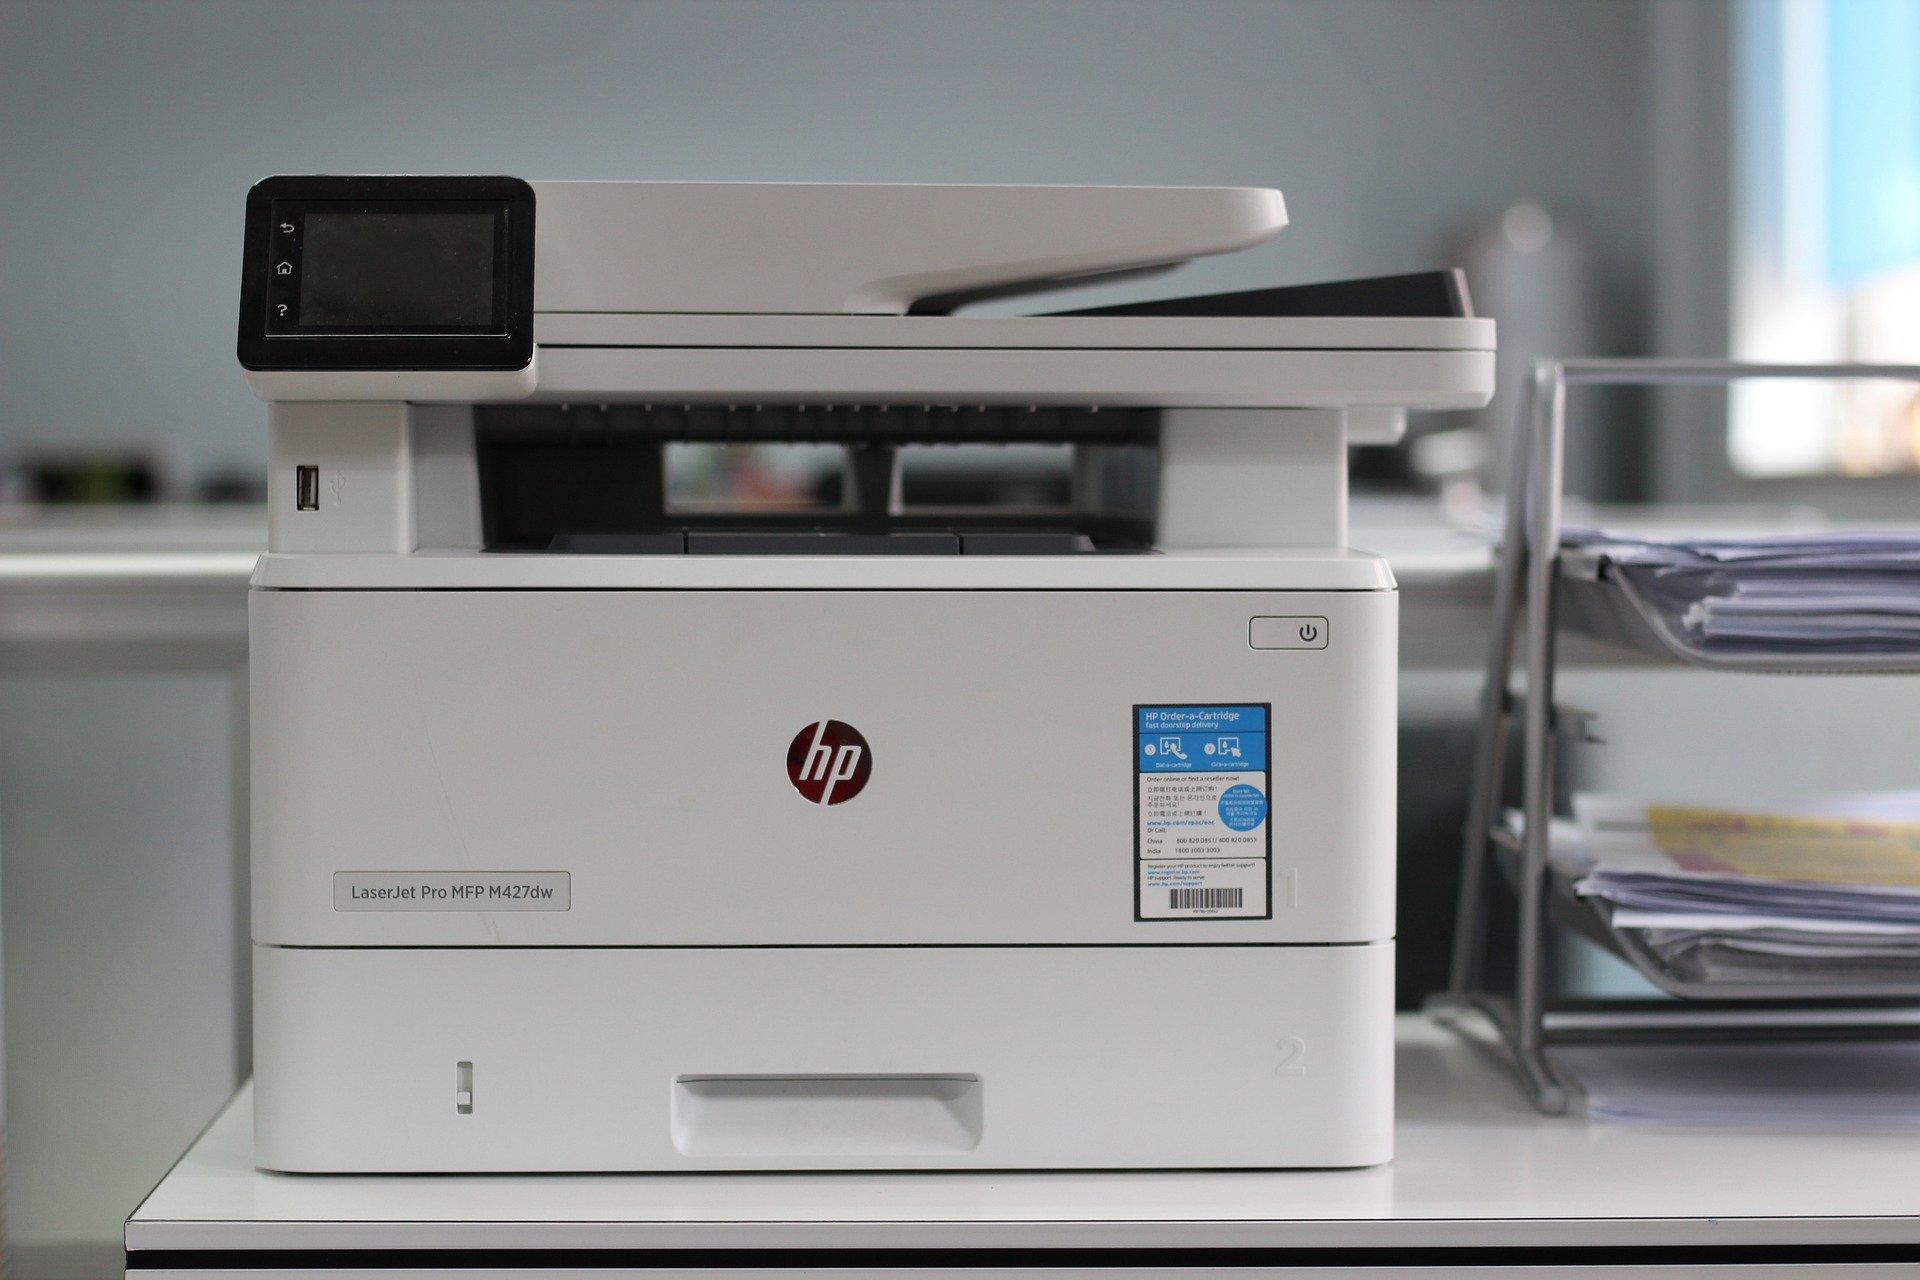 a clean printer